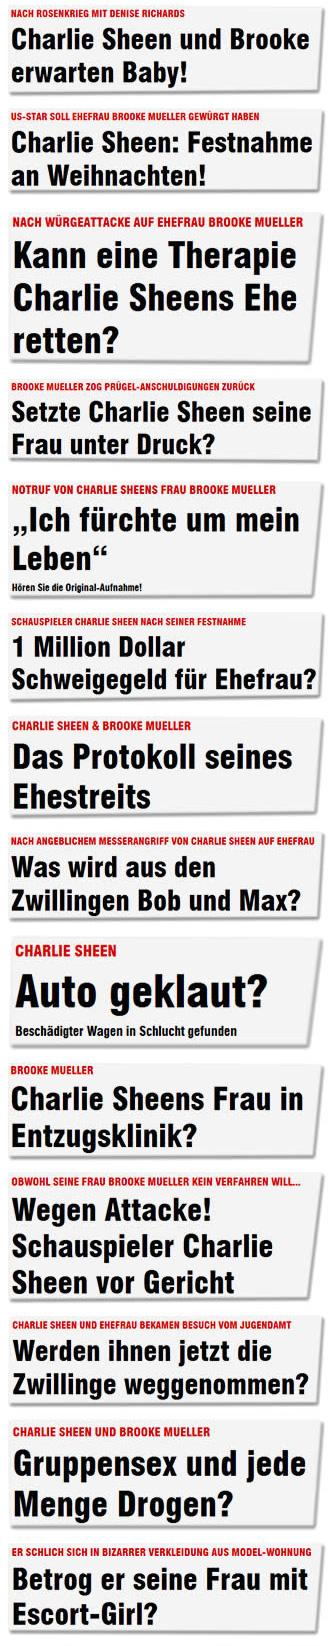 Charlie_Sheen_auf_Bild_de_01